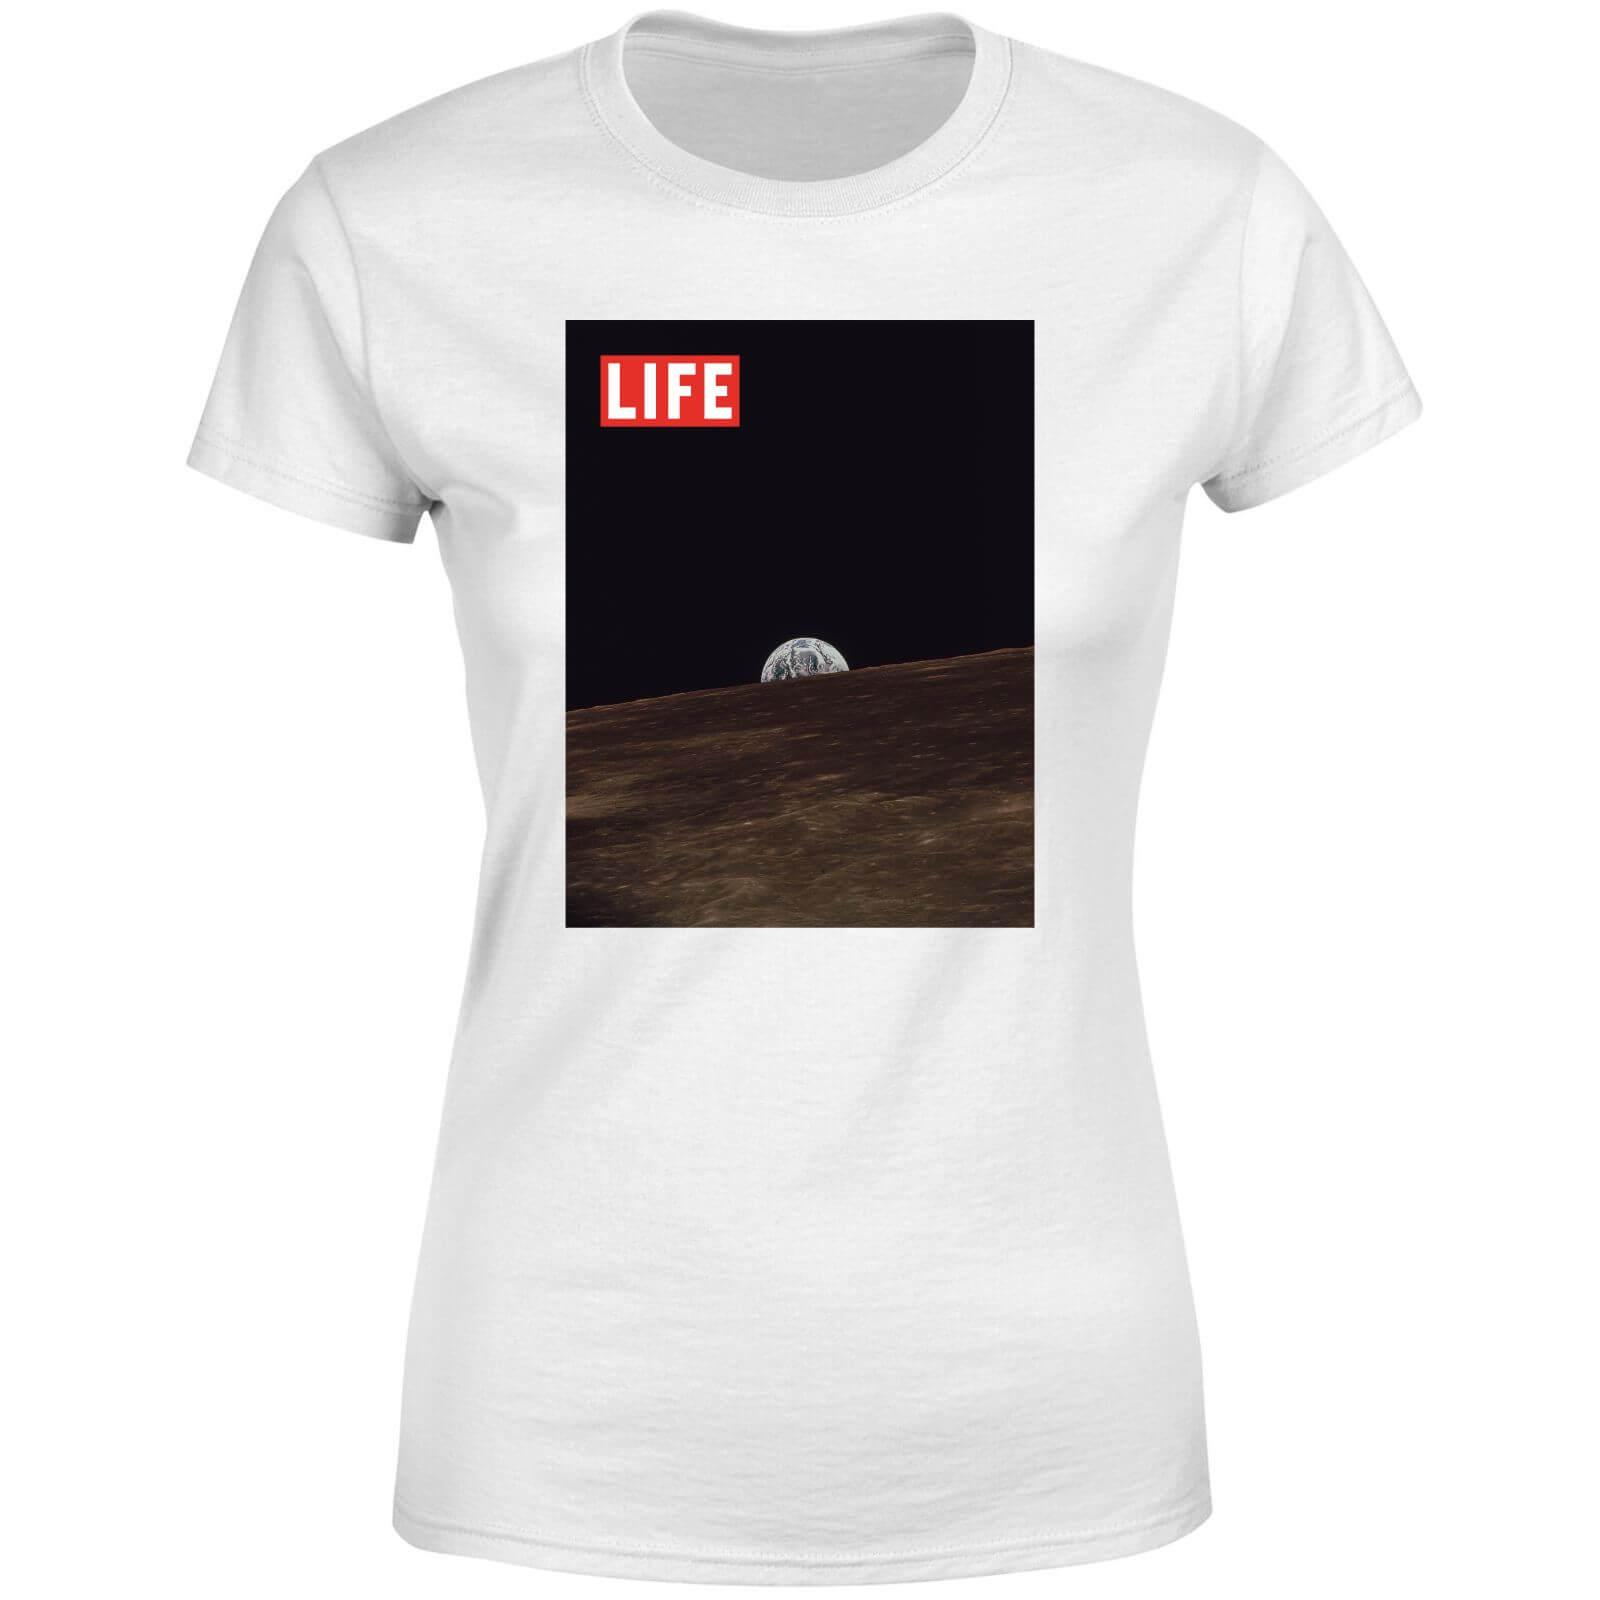 LIFE Magazine Moon Women's T-Shirt - White - M - White-female